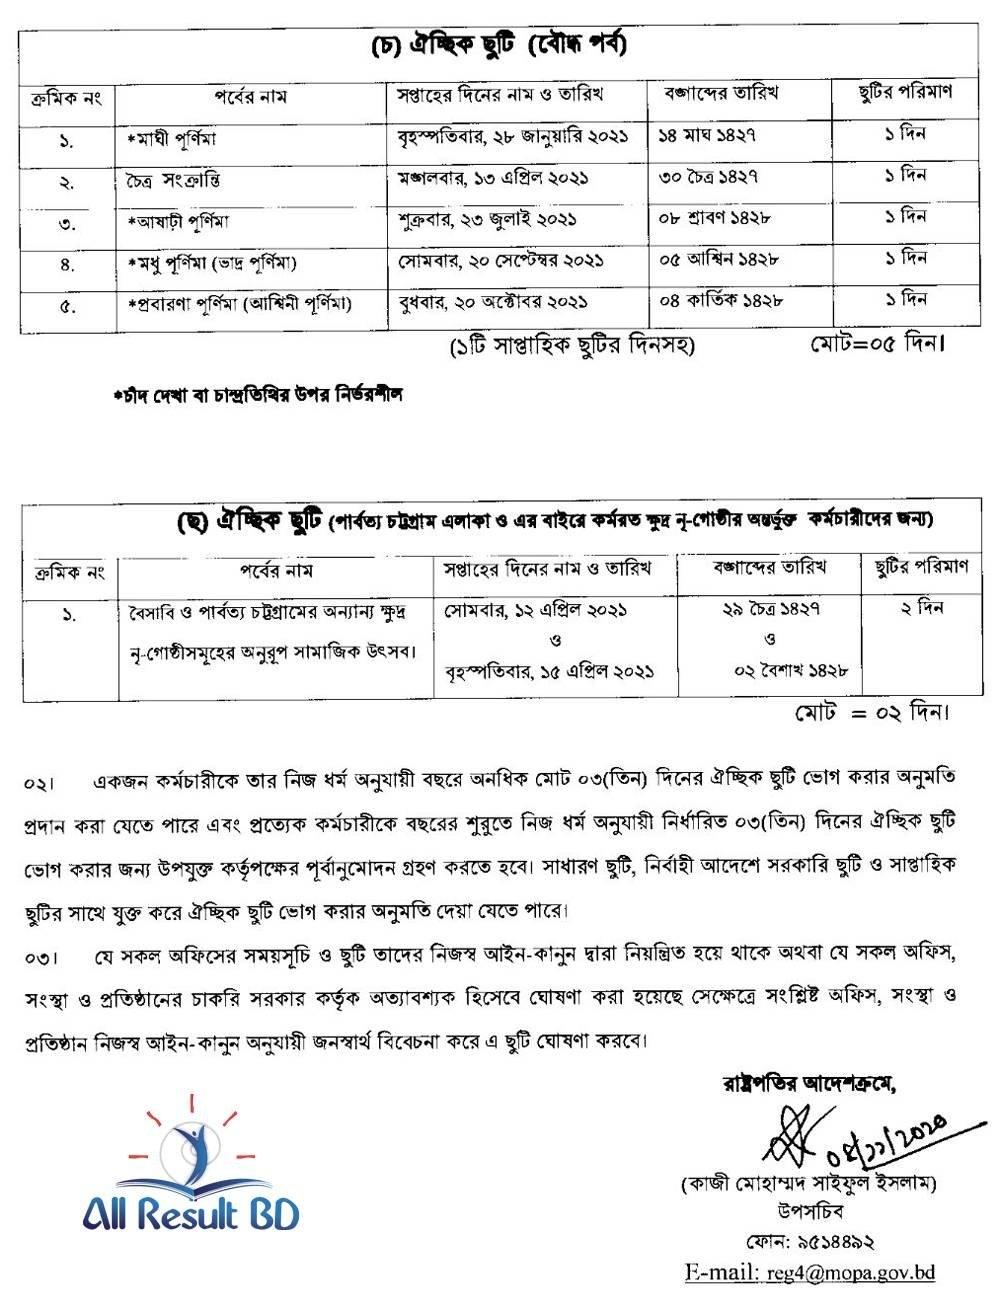 Govt Holiday 2021 Bangladesh Government Calendar Bd within Government Calendar 2021 With Holidays Bangladesh